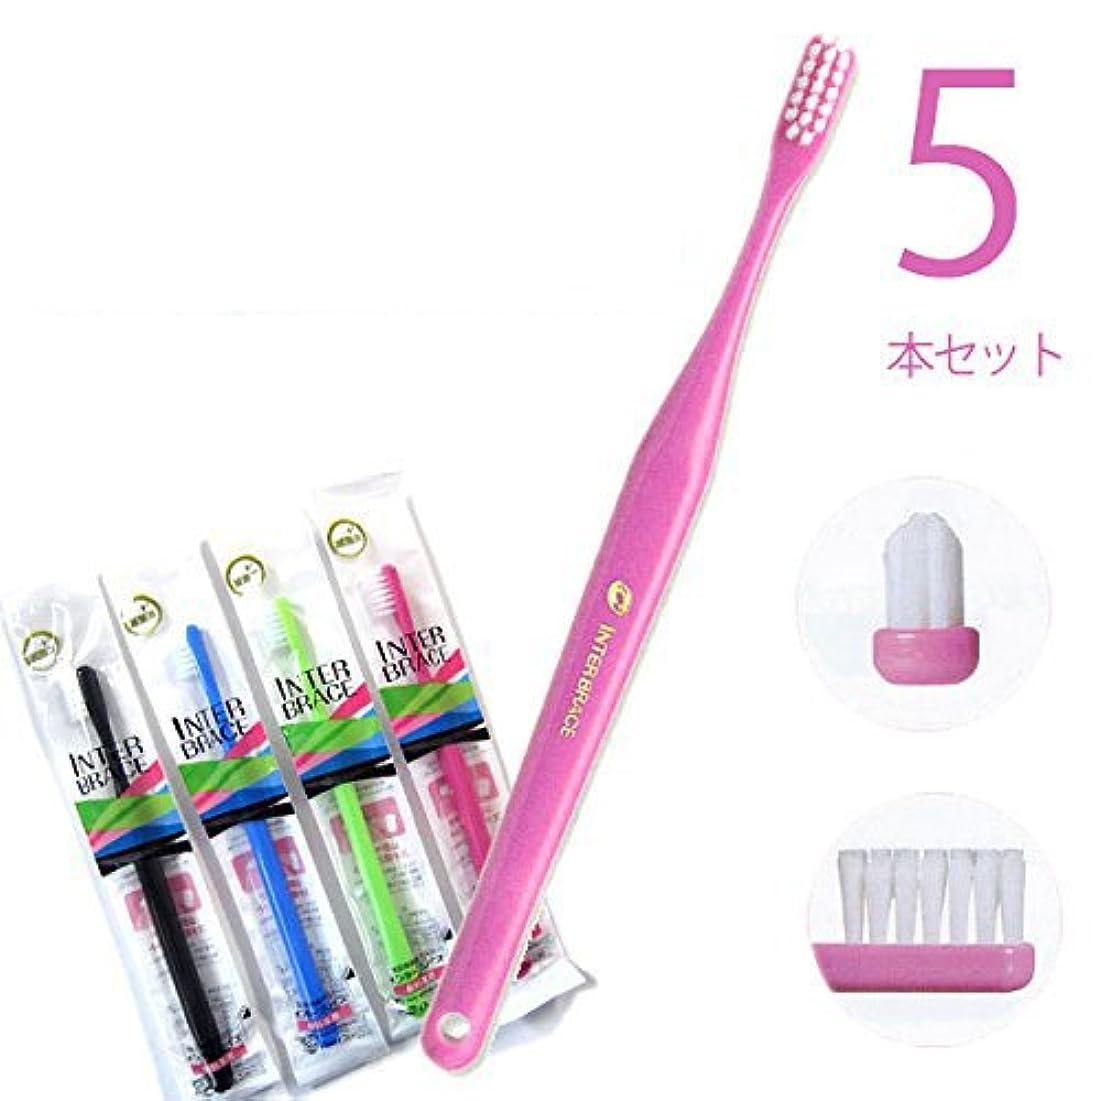 多年生はっきりしない遊び場インターブレイス インターブレイス 矯正用山型 歯ブラシ5本セット